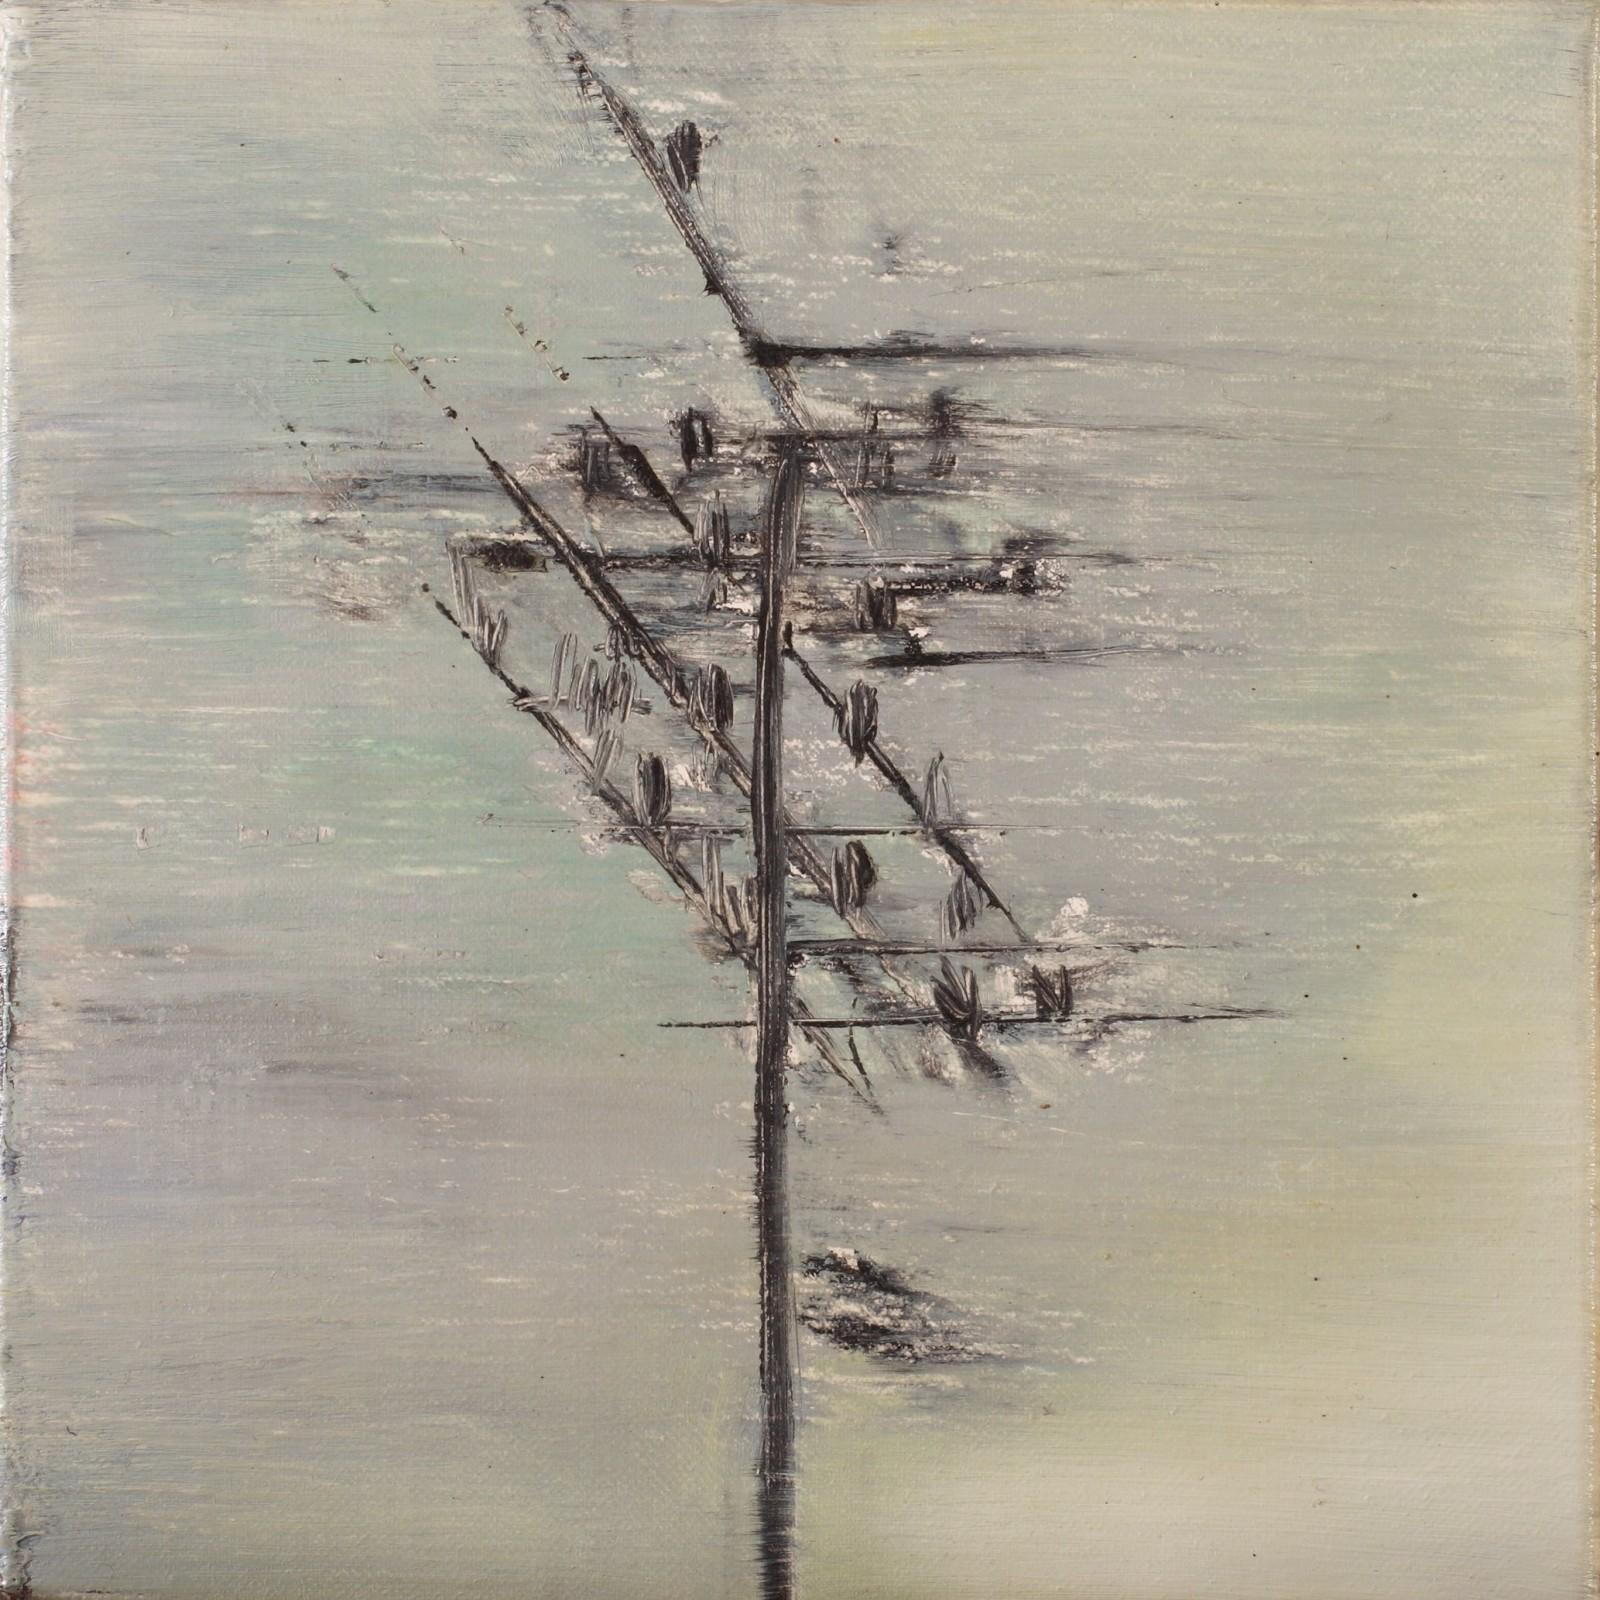 Paolo-Maggis-November's-birds-1-2011-30x30cm